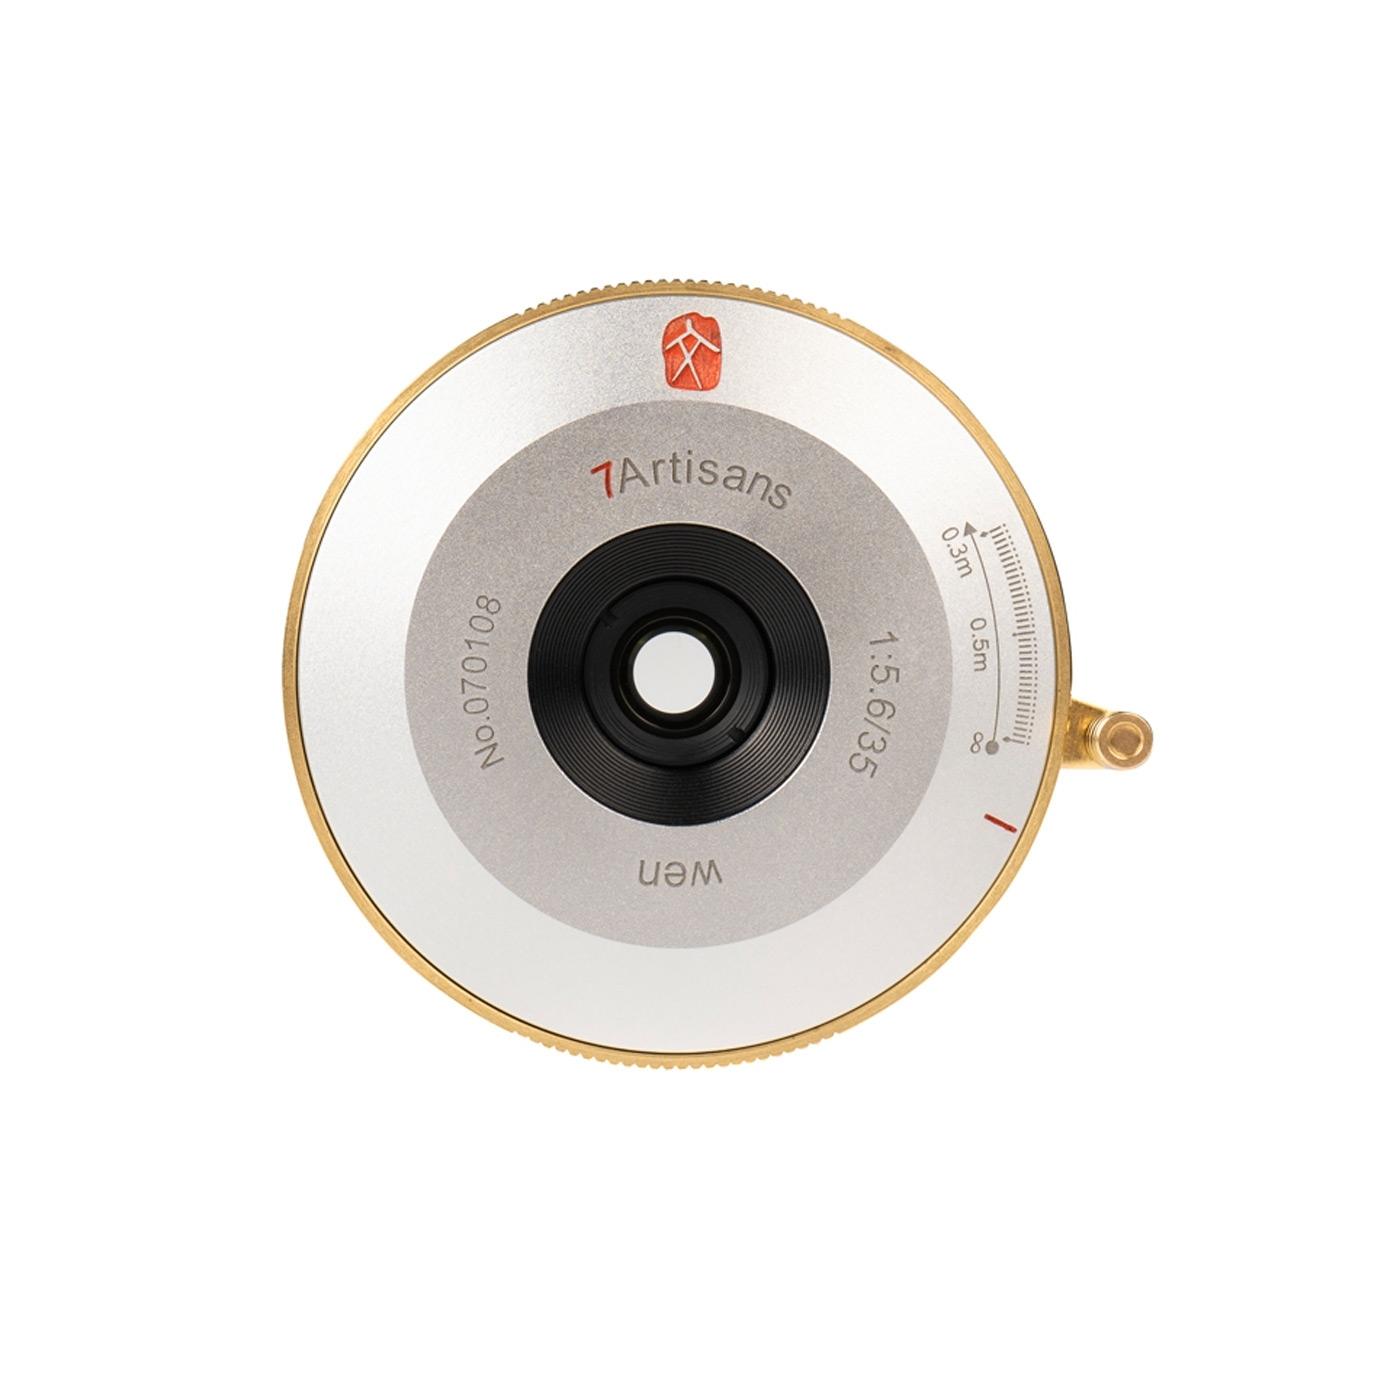 7Artisans 35mm 1:5,6 WEN Pancake für Leica M